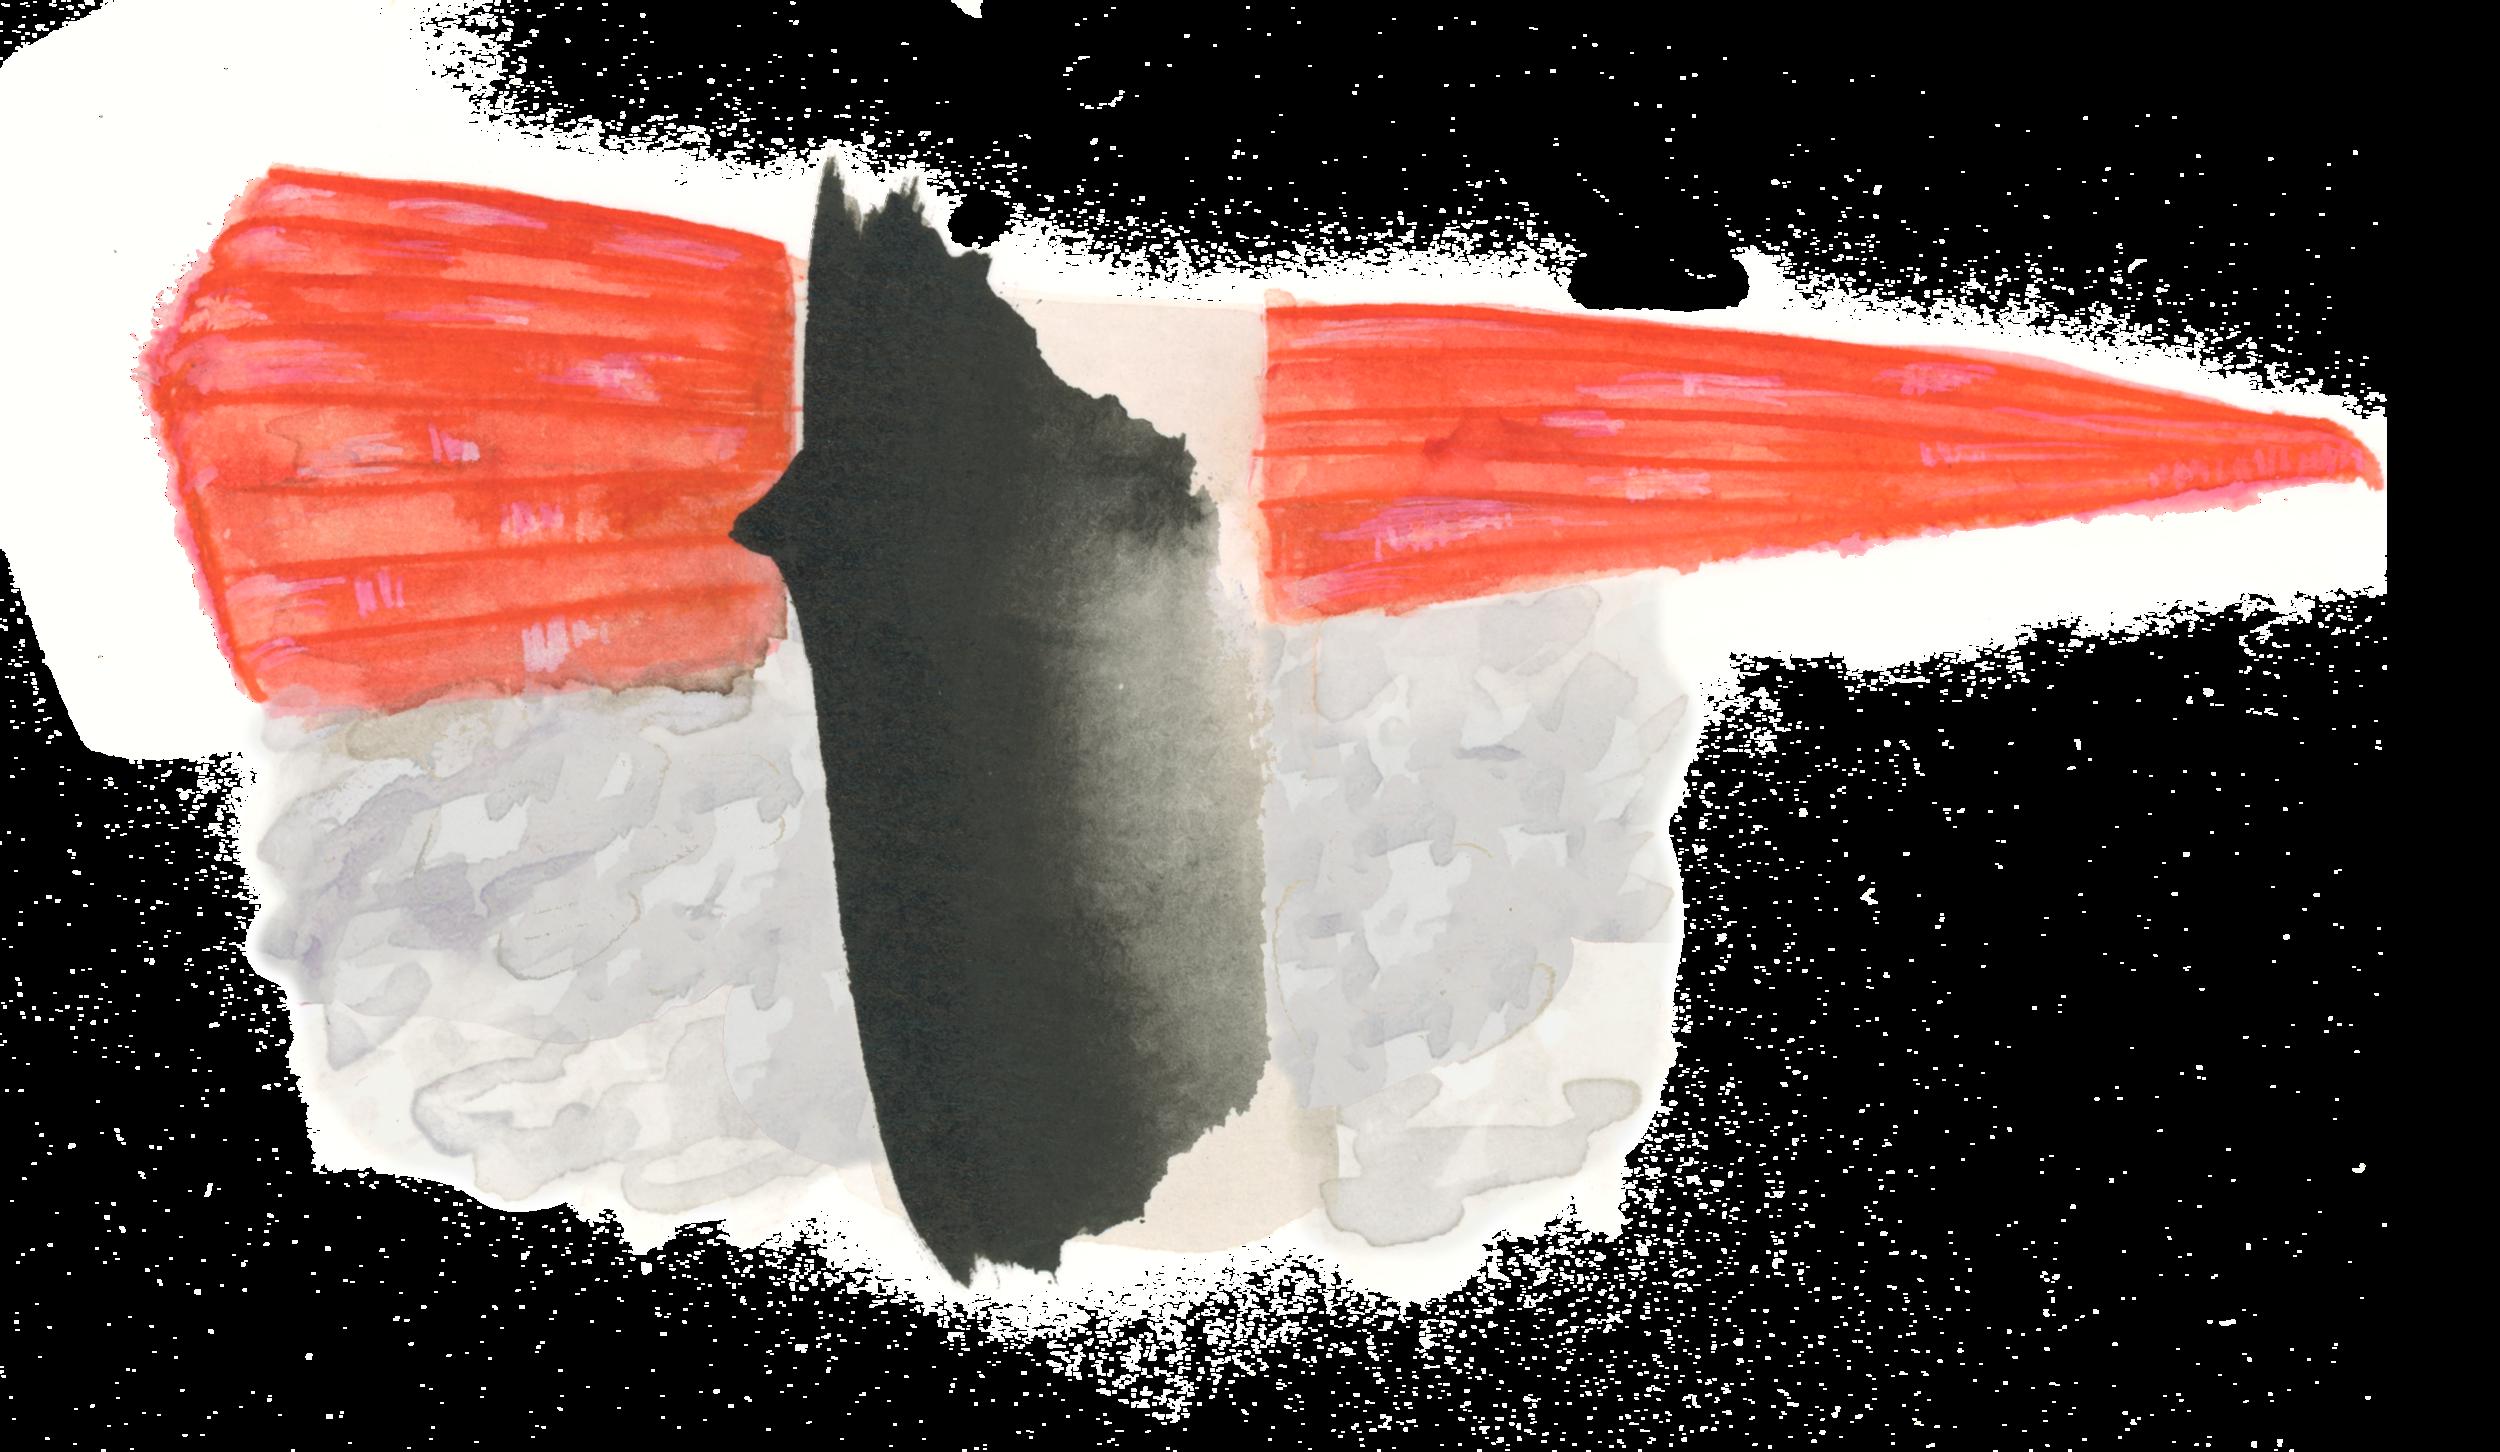 15_sushi_kani_r2.png